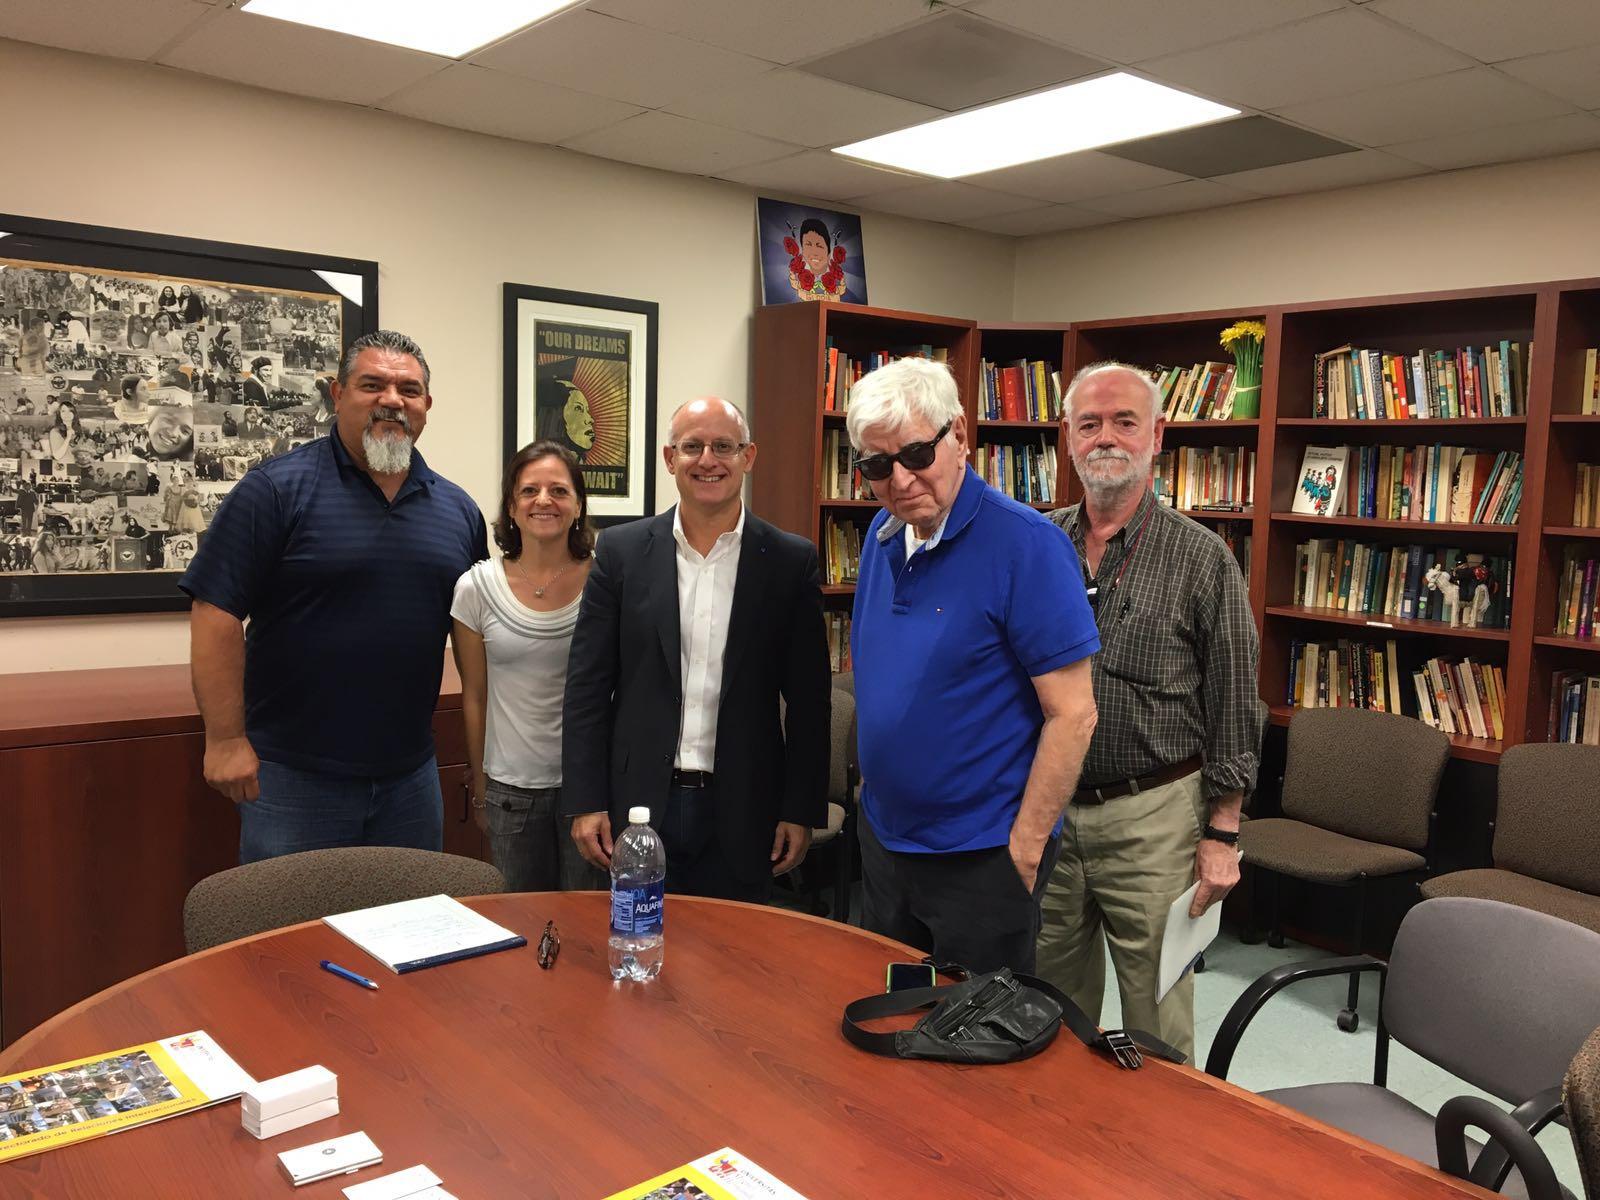 Vicente Micol se reúne con el director del Departamento de Estudios Chicanos (CSUN), Gabriel Gutiérrez, y con los profesores Ana Sánchez y Rodolfo Acuña